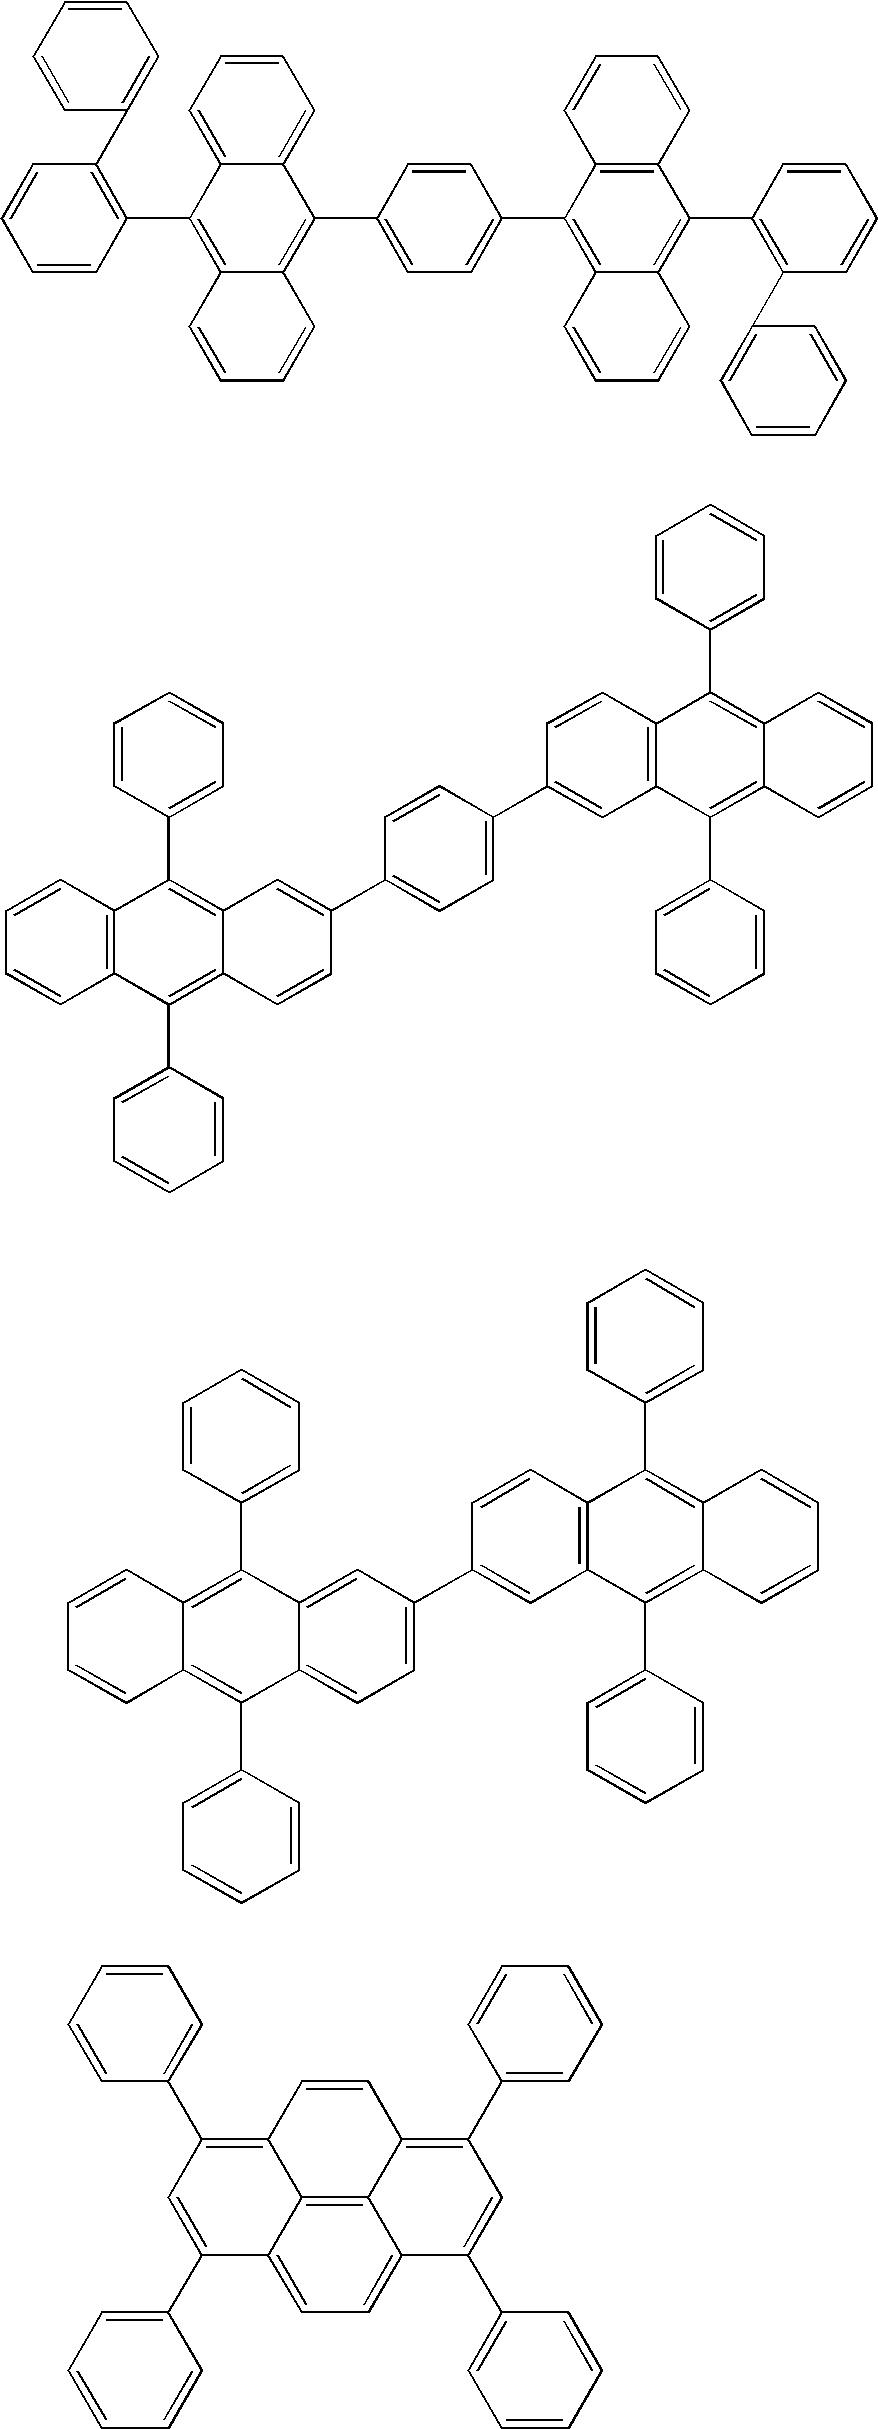 Figure US20060055305A1-20060316-C00004